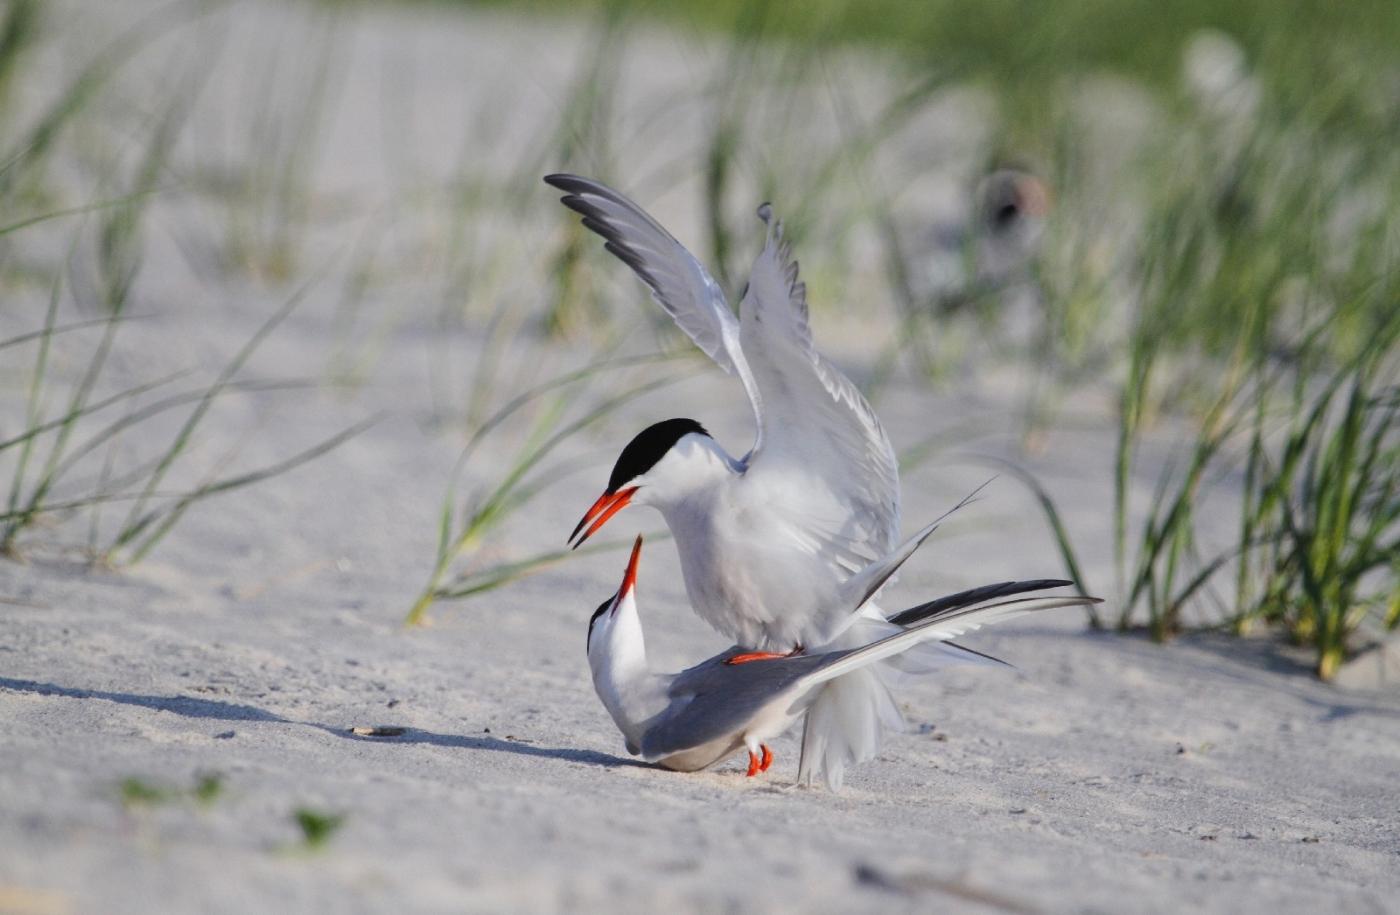 【田螺摄影】nickerson beach拍燕鸥求爱[二]_图1-8